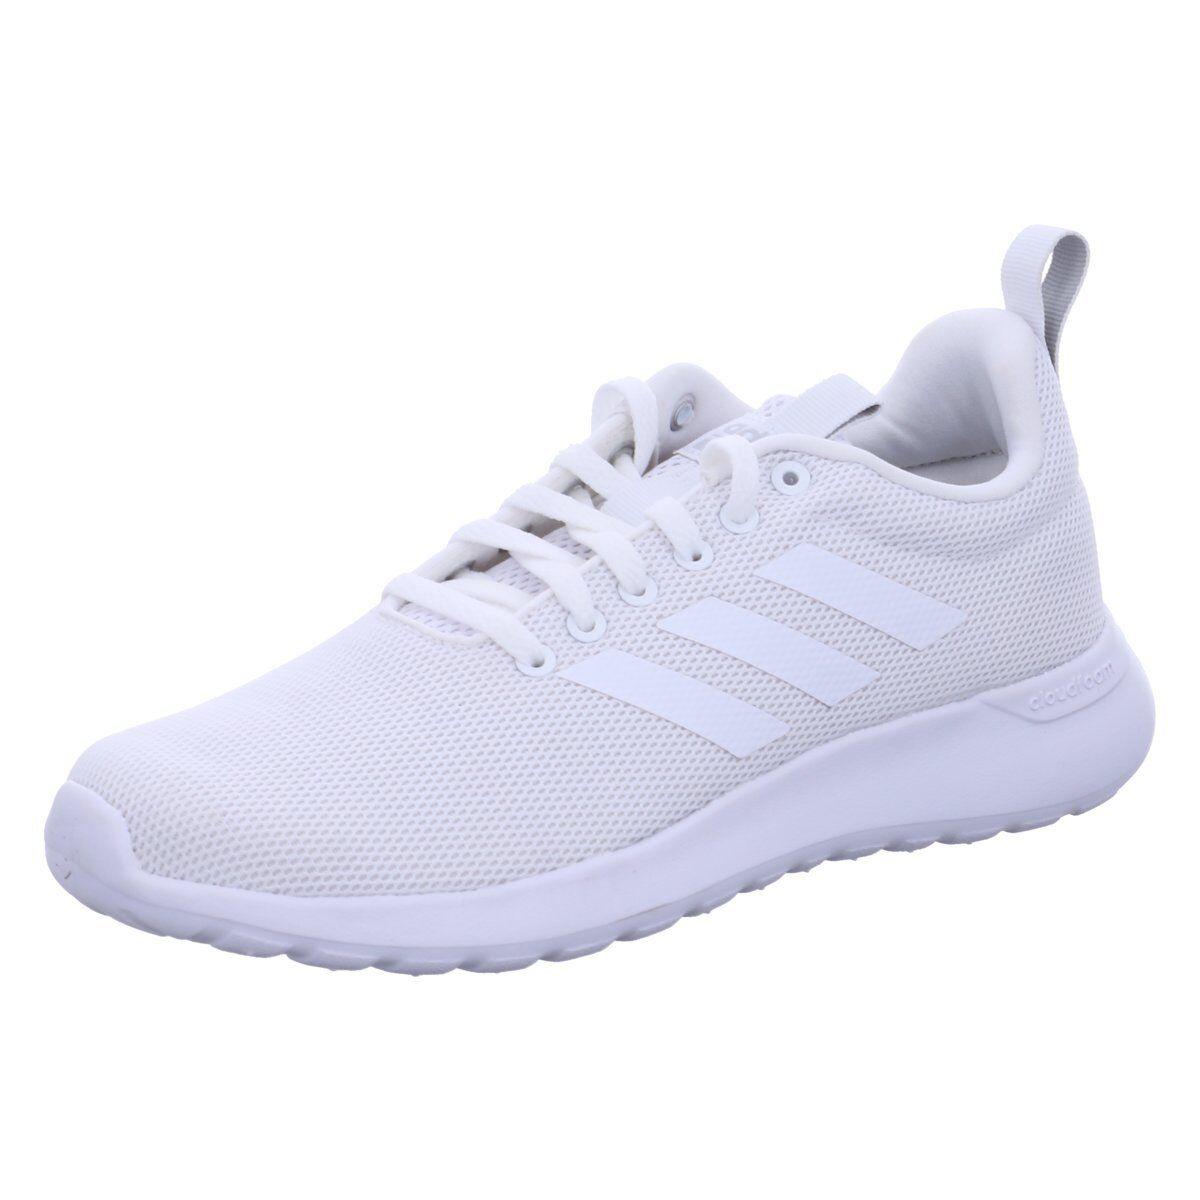 NEU adidas Core Damen Sneaker Lite Racer CLN BB6895-Lite-Racer-CLN weiß 496261